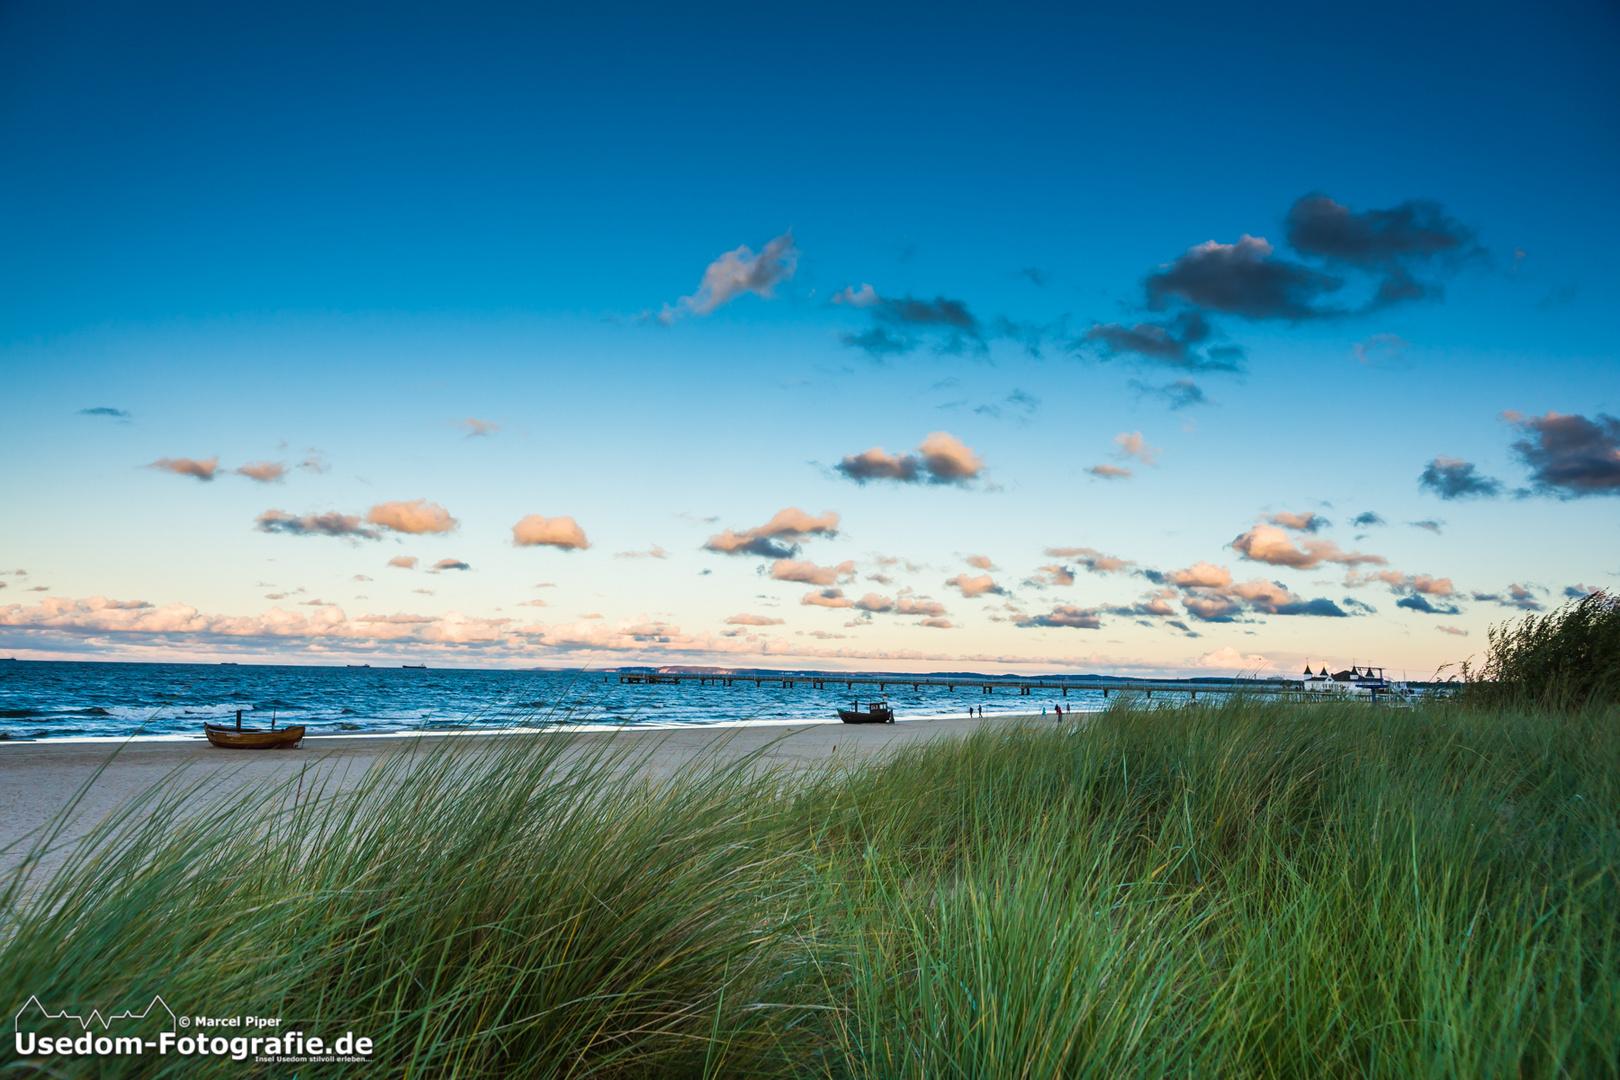 Sonnenuntergang in Ahlbeck auf der Insel Usedom am 28.09.2013